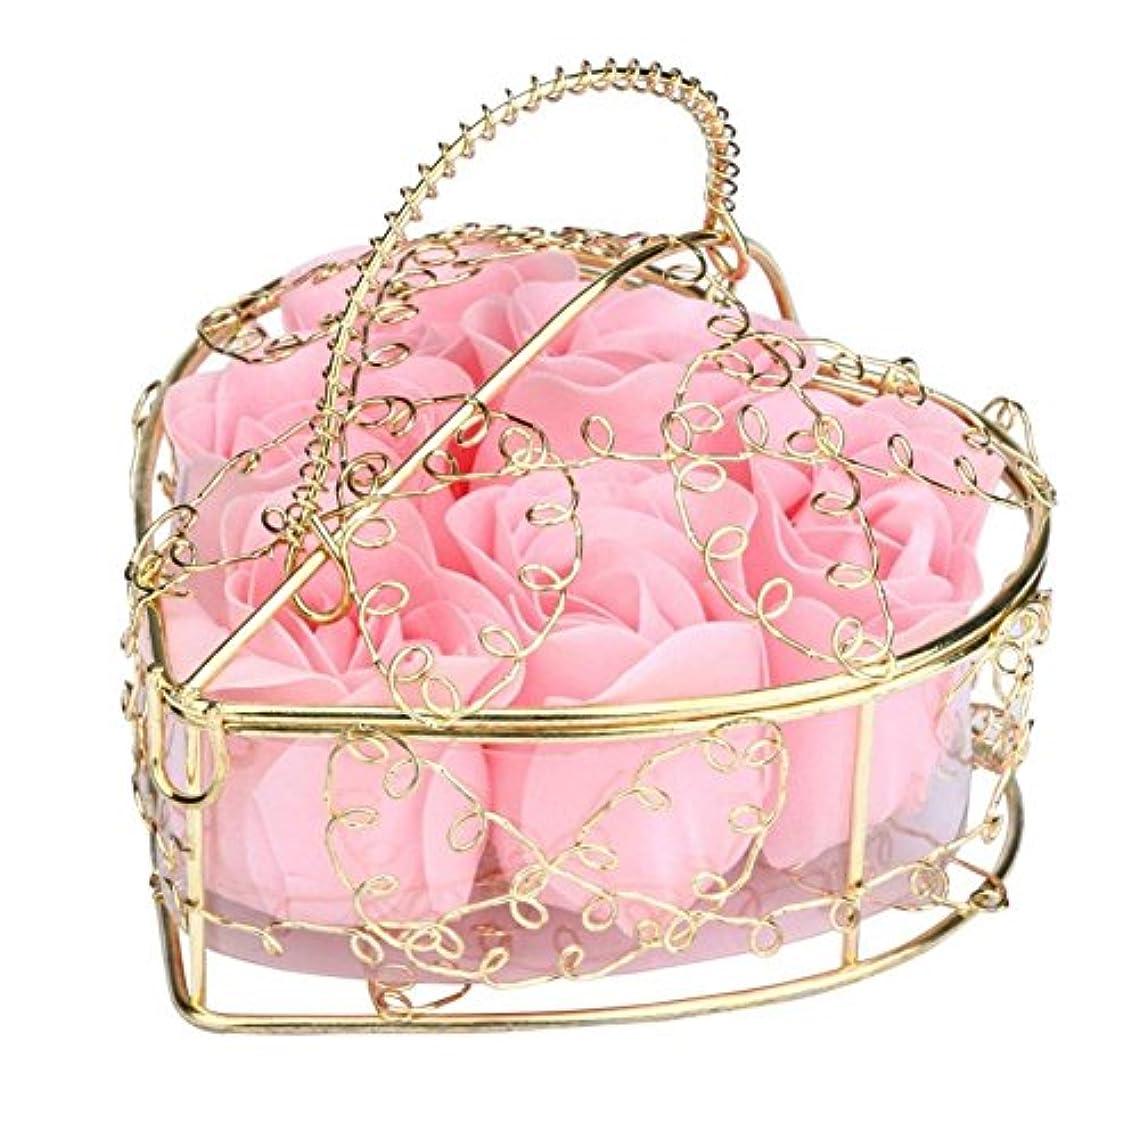 異常不機嫌顕著SODIAL 6個の香り付きローズフラワー 花びらバス ボディソープ ウェディングパーティーギフト ホームDIYデコレーション(ピンク)